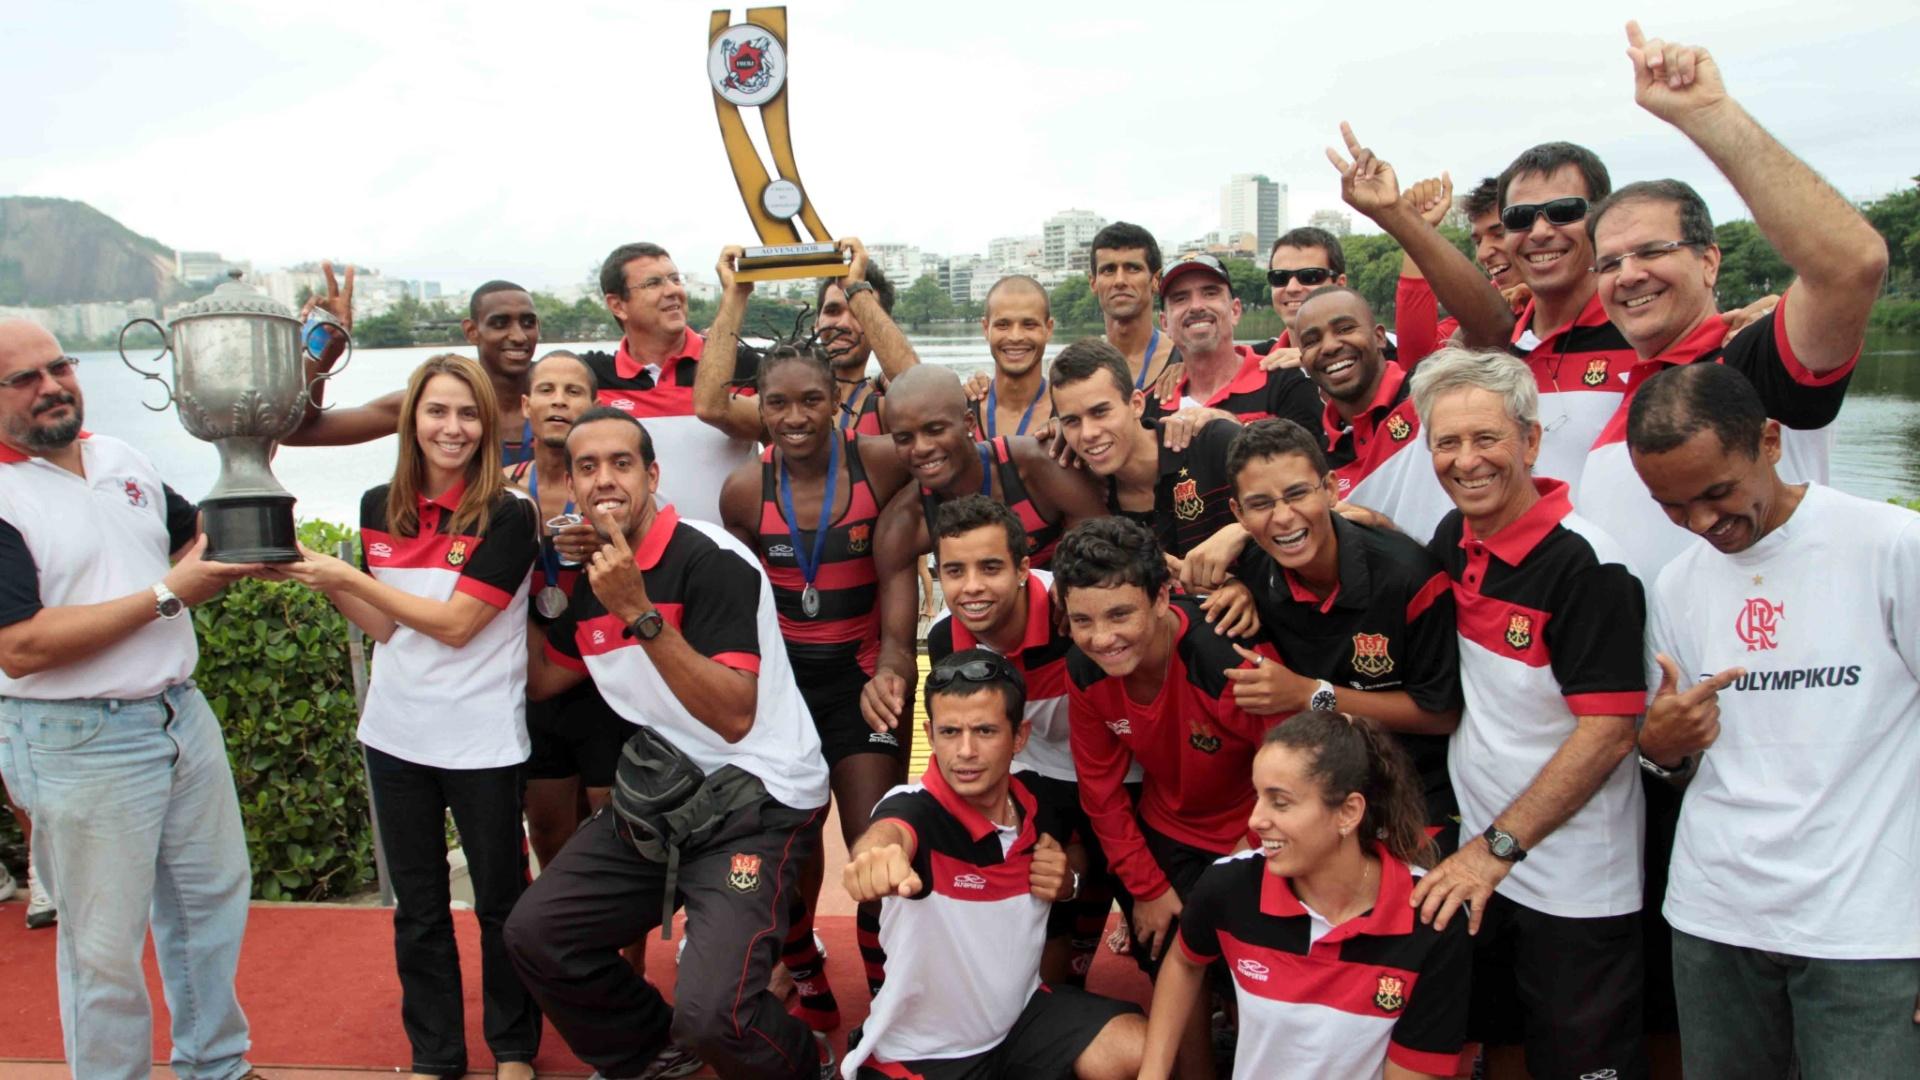 Equipe do Flamengo exibe os troféus conquistados na Regata Estadual de Remo